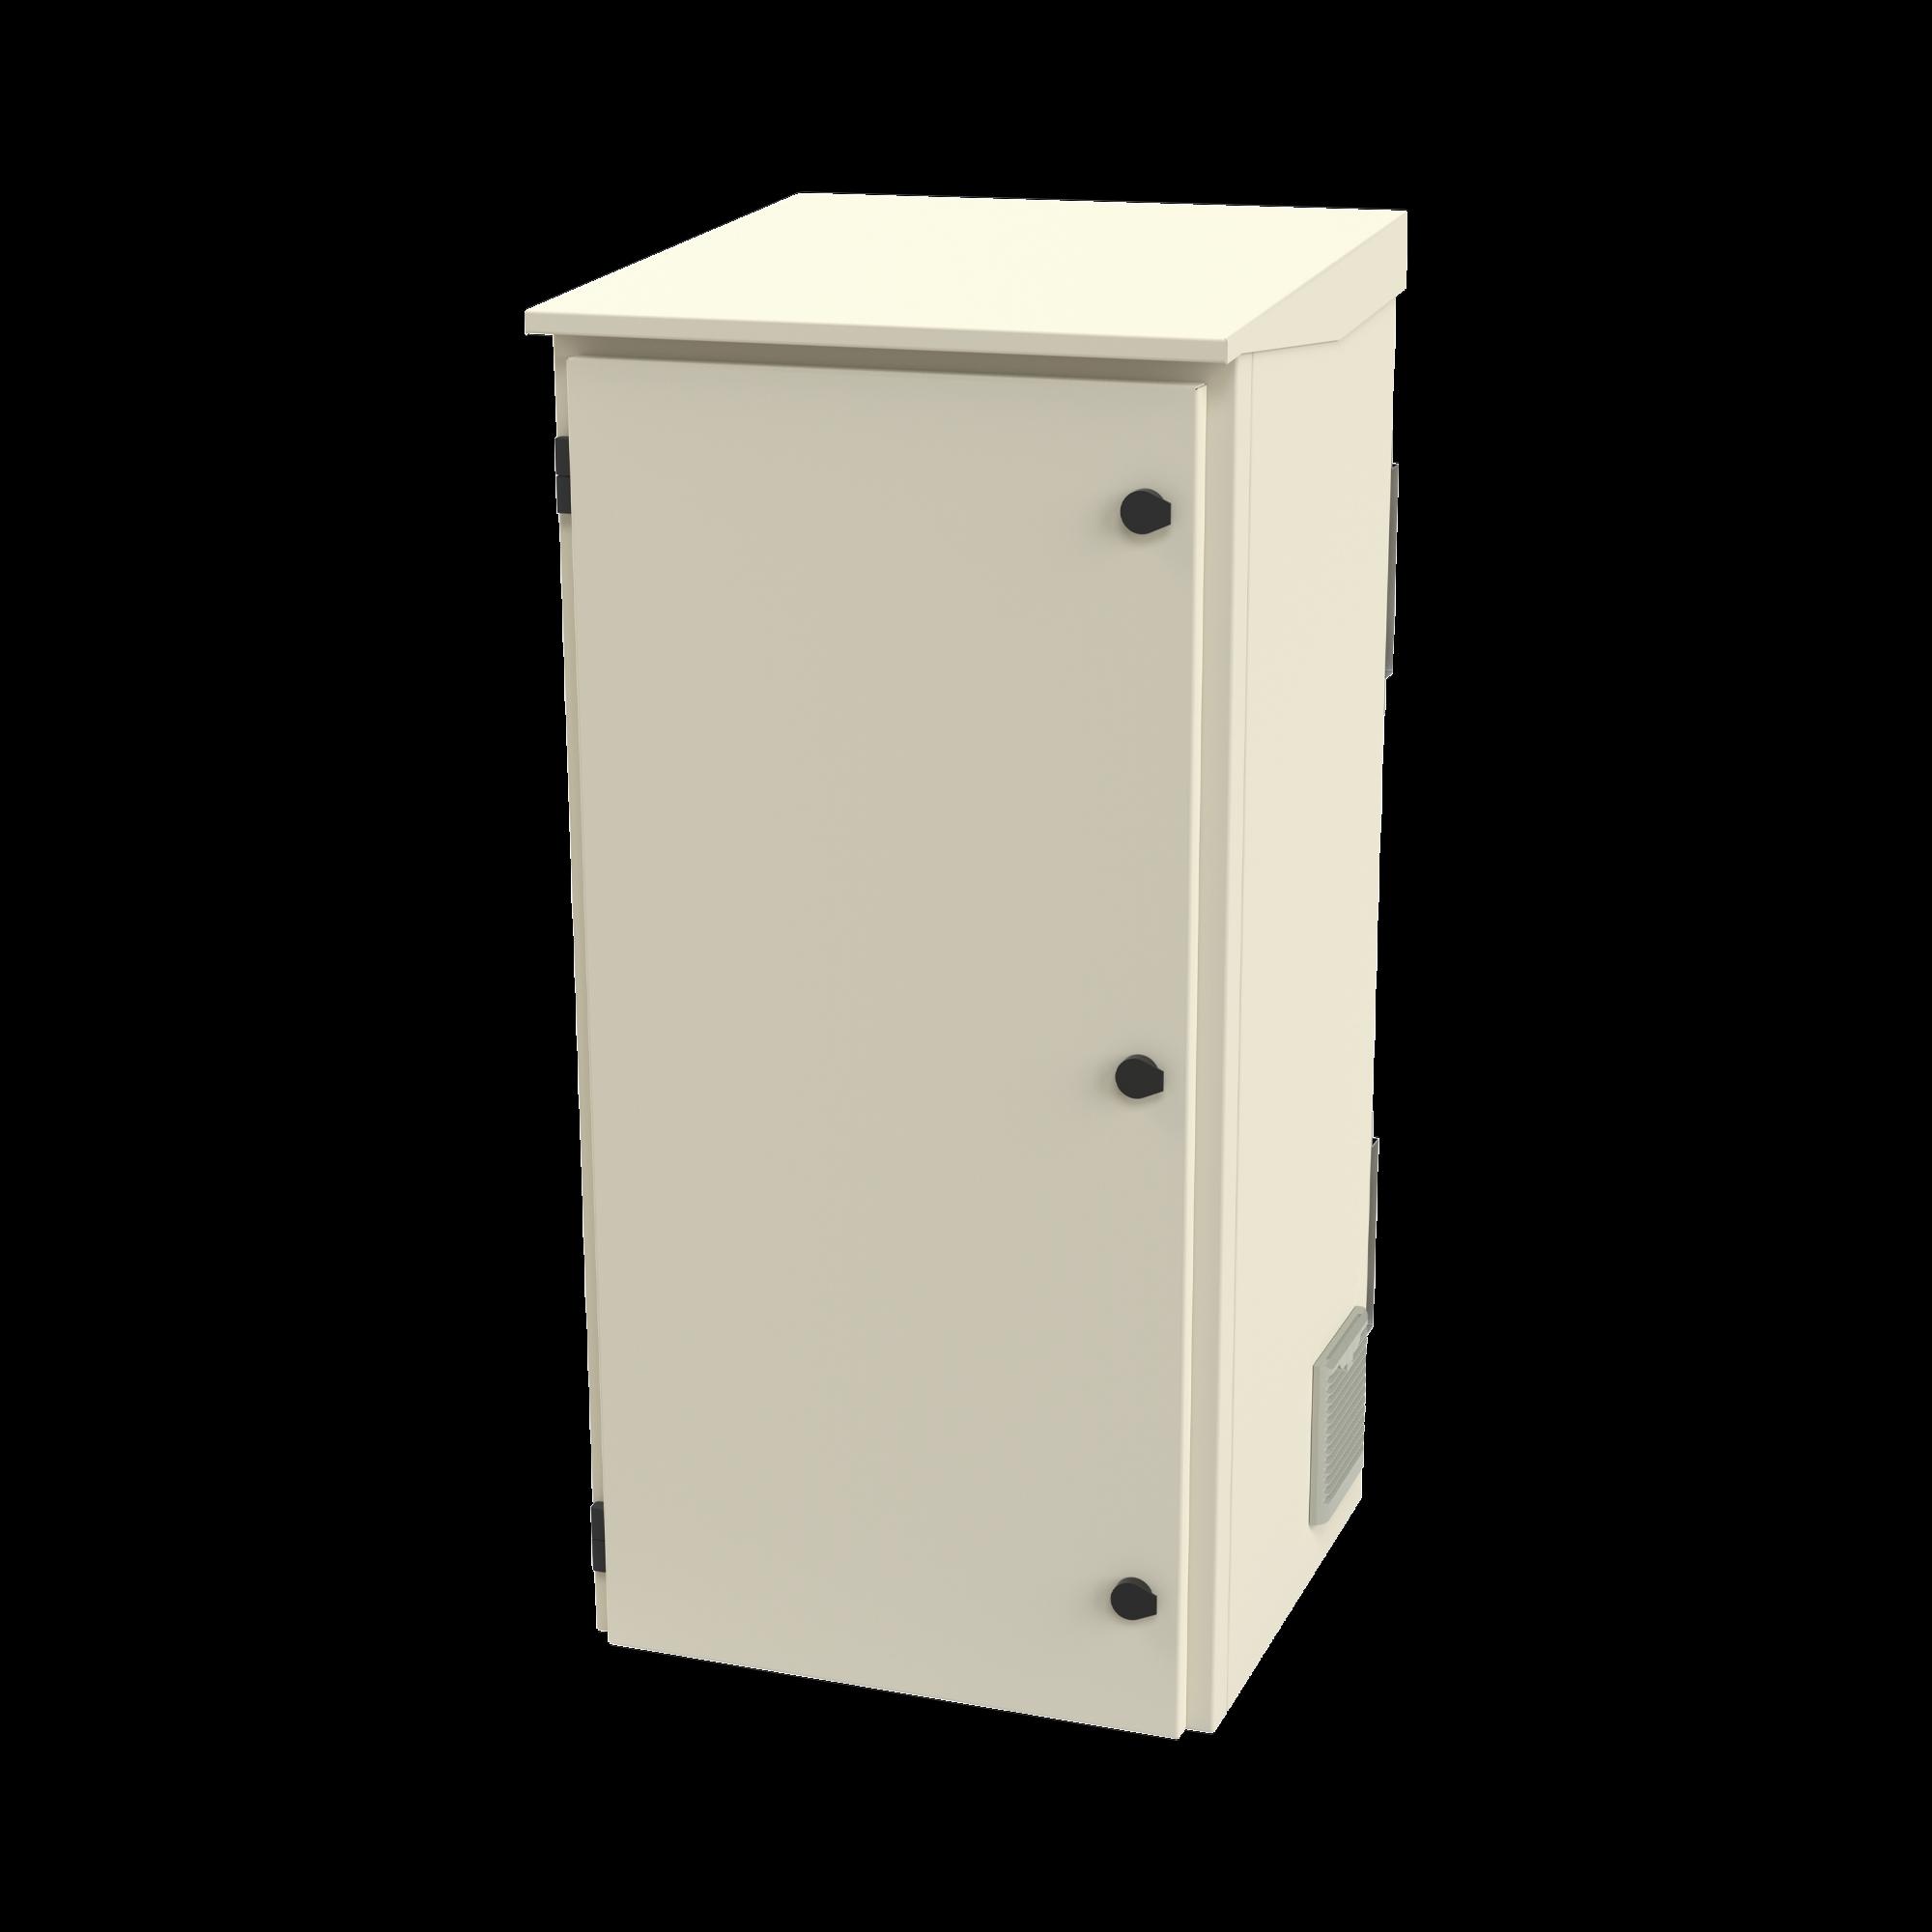 Gabinete de Exterior con Rack de 19 de 24U con Ventiladores y Termostato (Montaje a poste o torre se vende por separado).